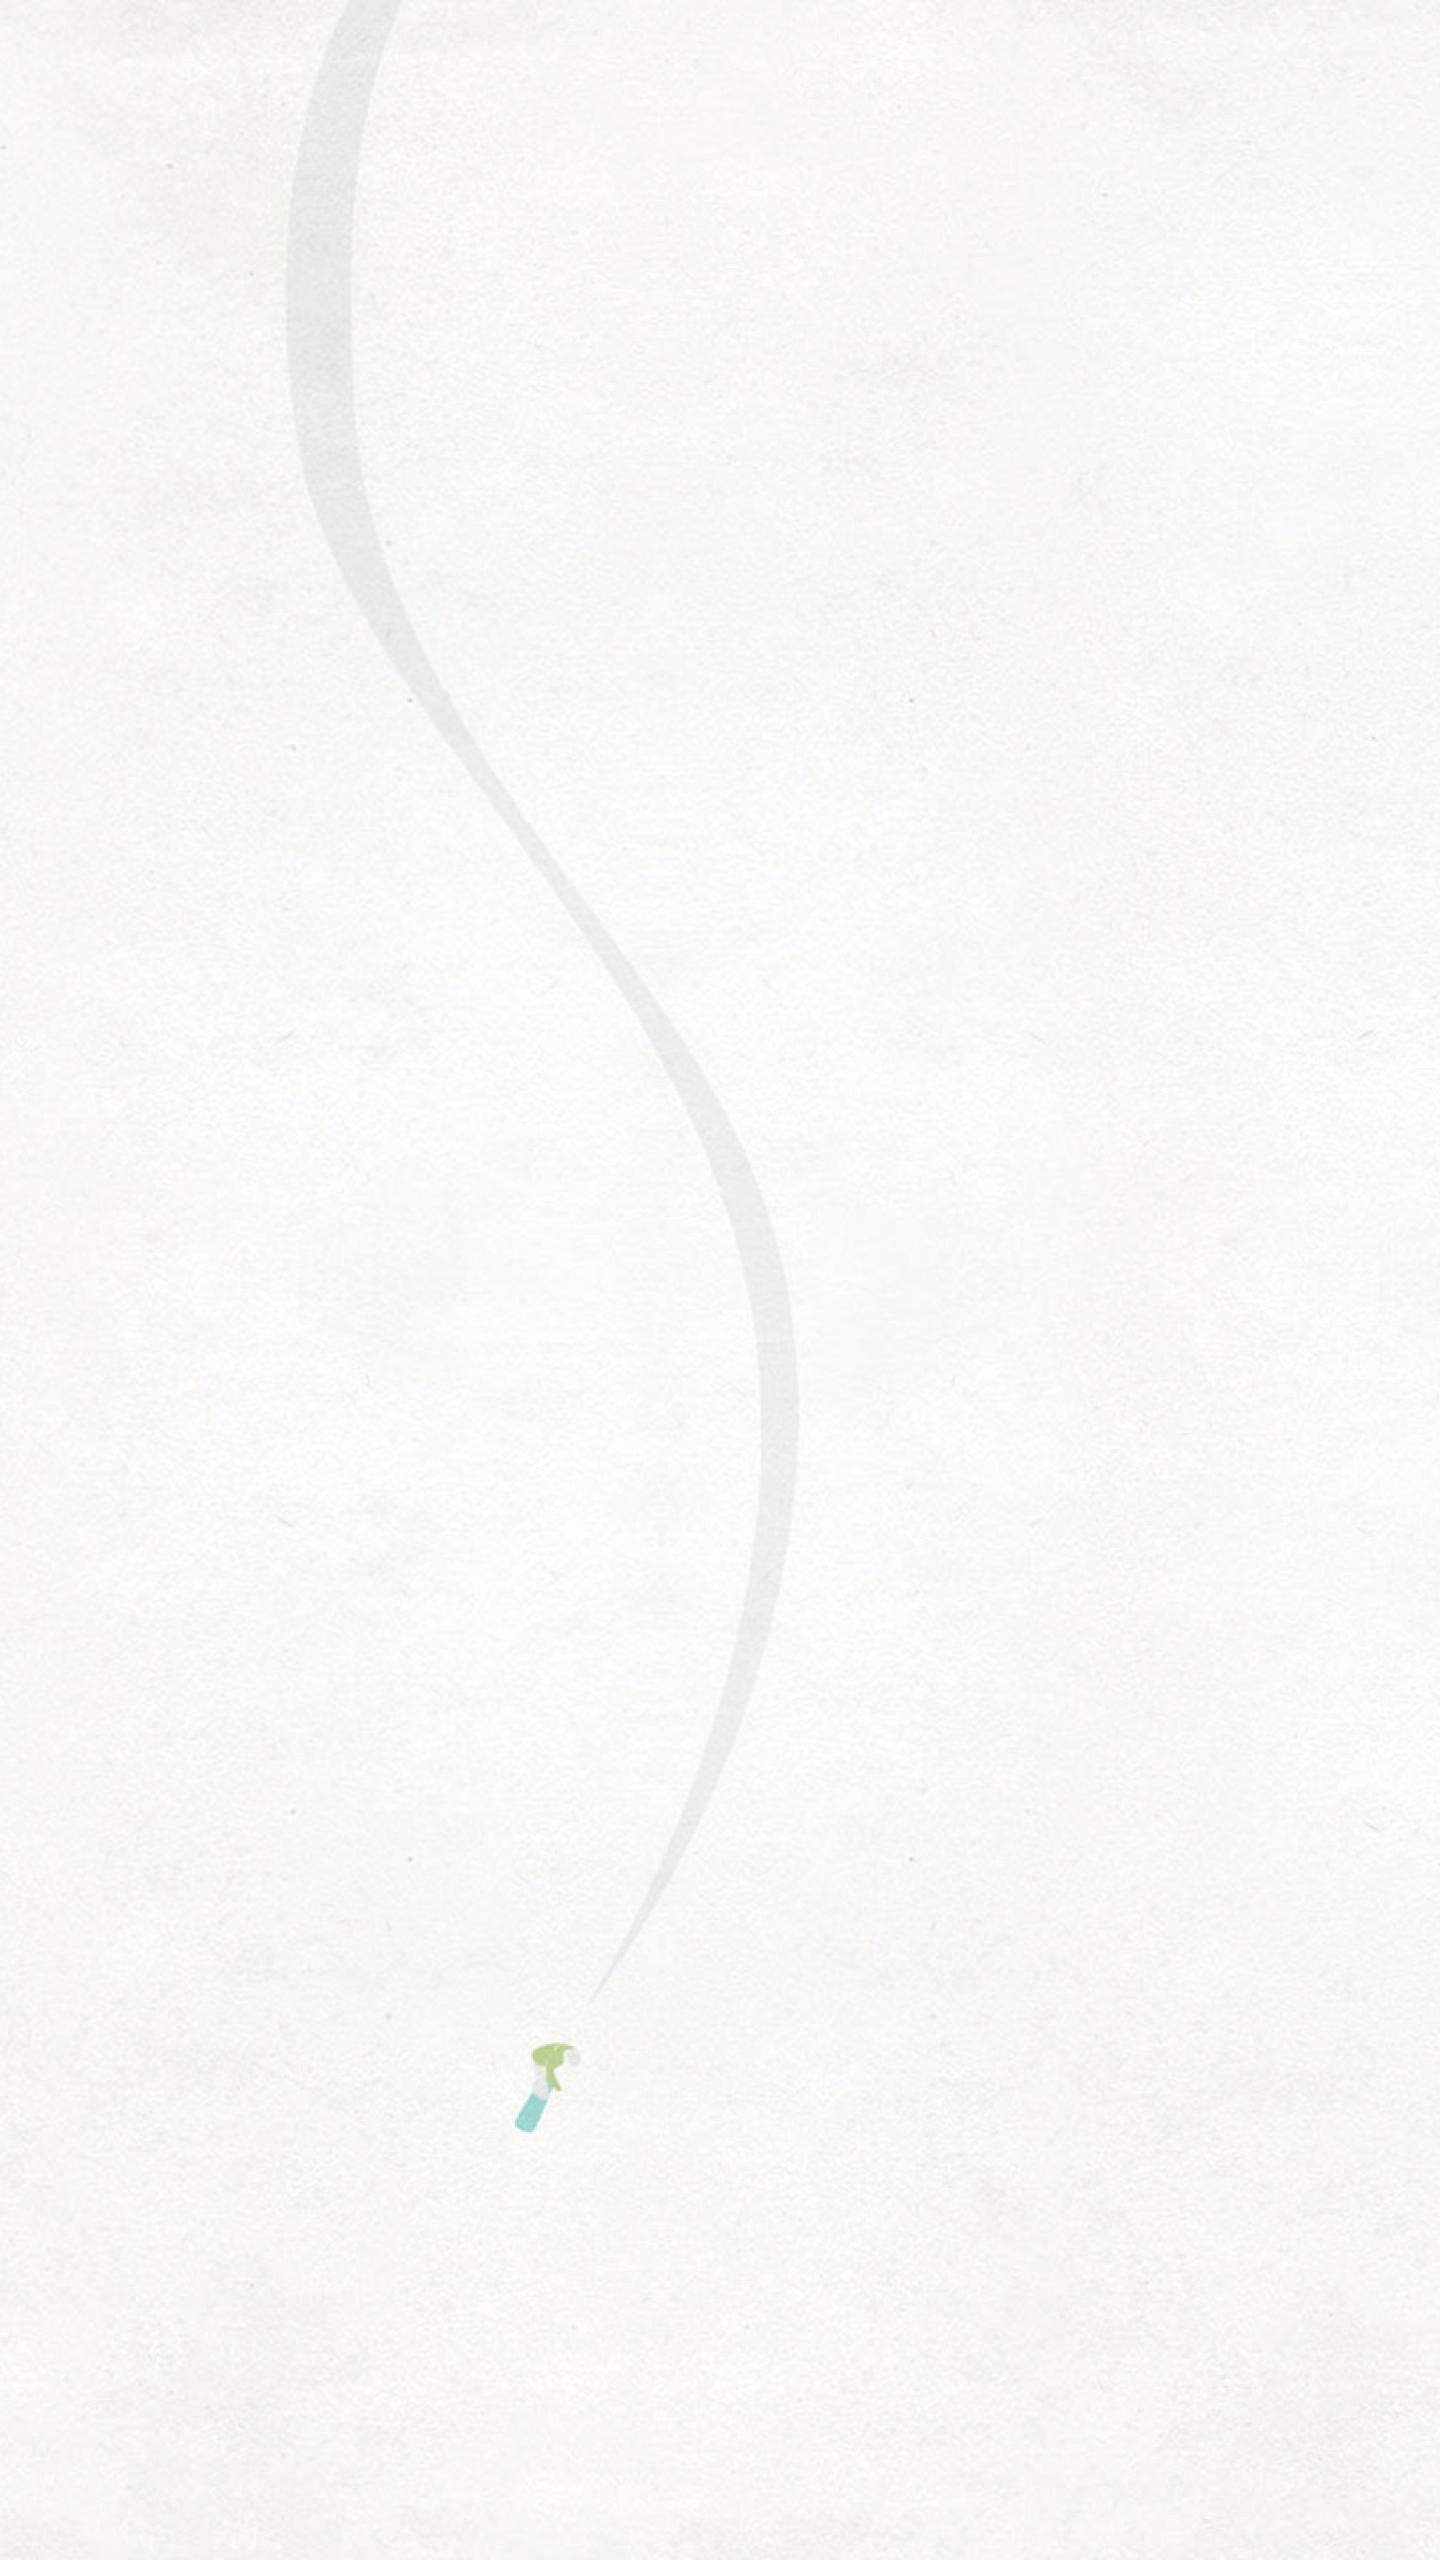 イラスト白 Wallpaper Sc スマホ壁紙